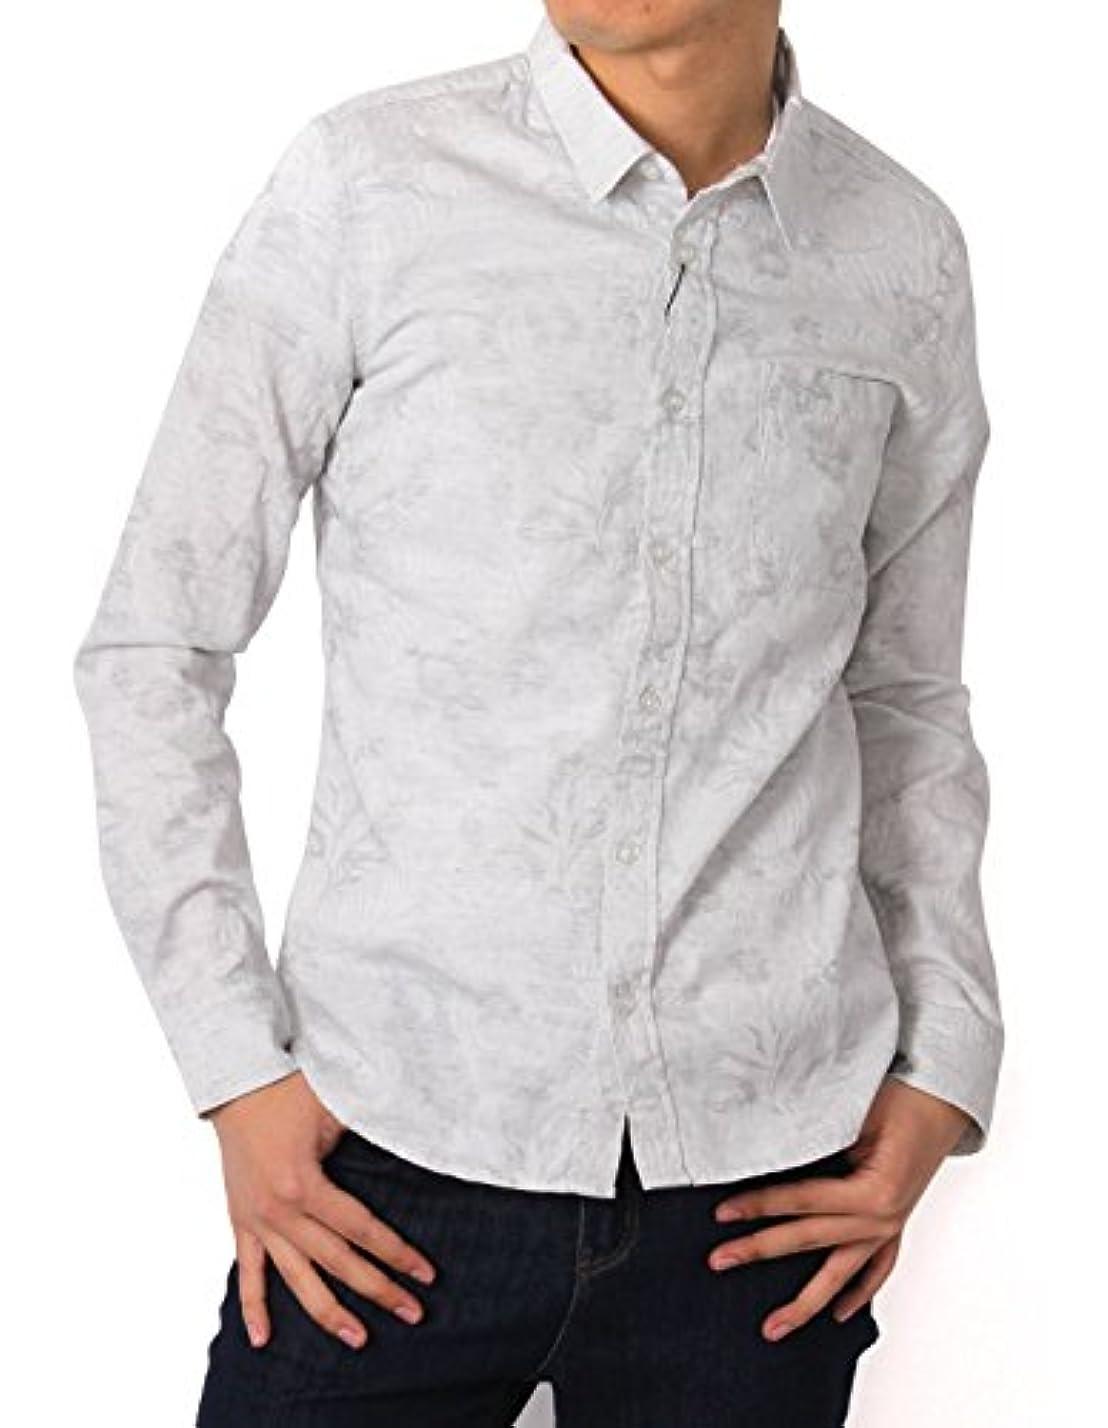 許可コア平手打ち[REPIDO (リピード)] シャツ メンズ 長袖 ジャガード 柄シャツ リゾート アロハシャツ